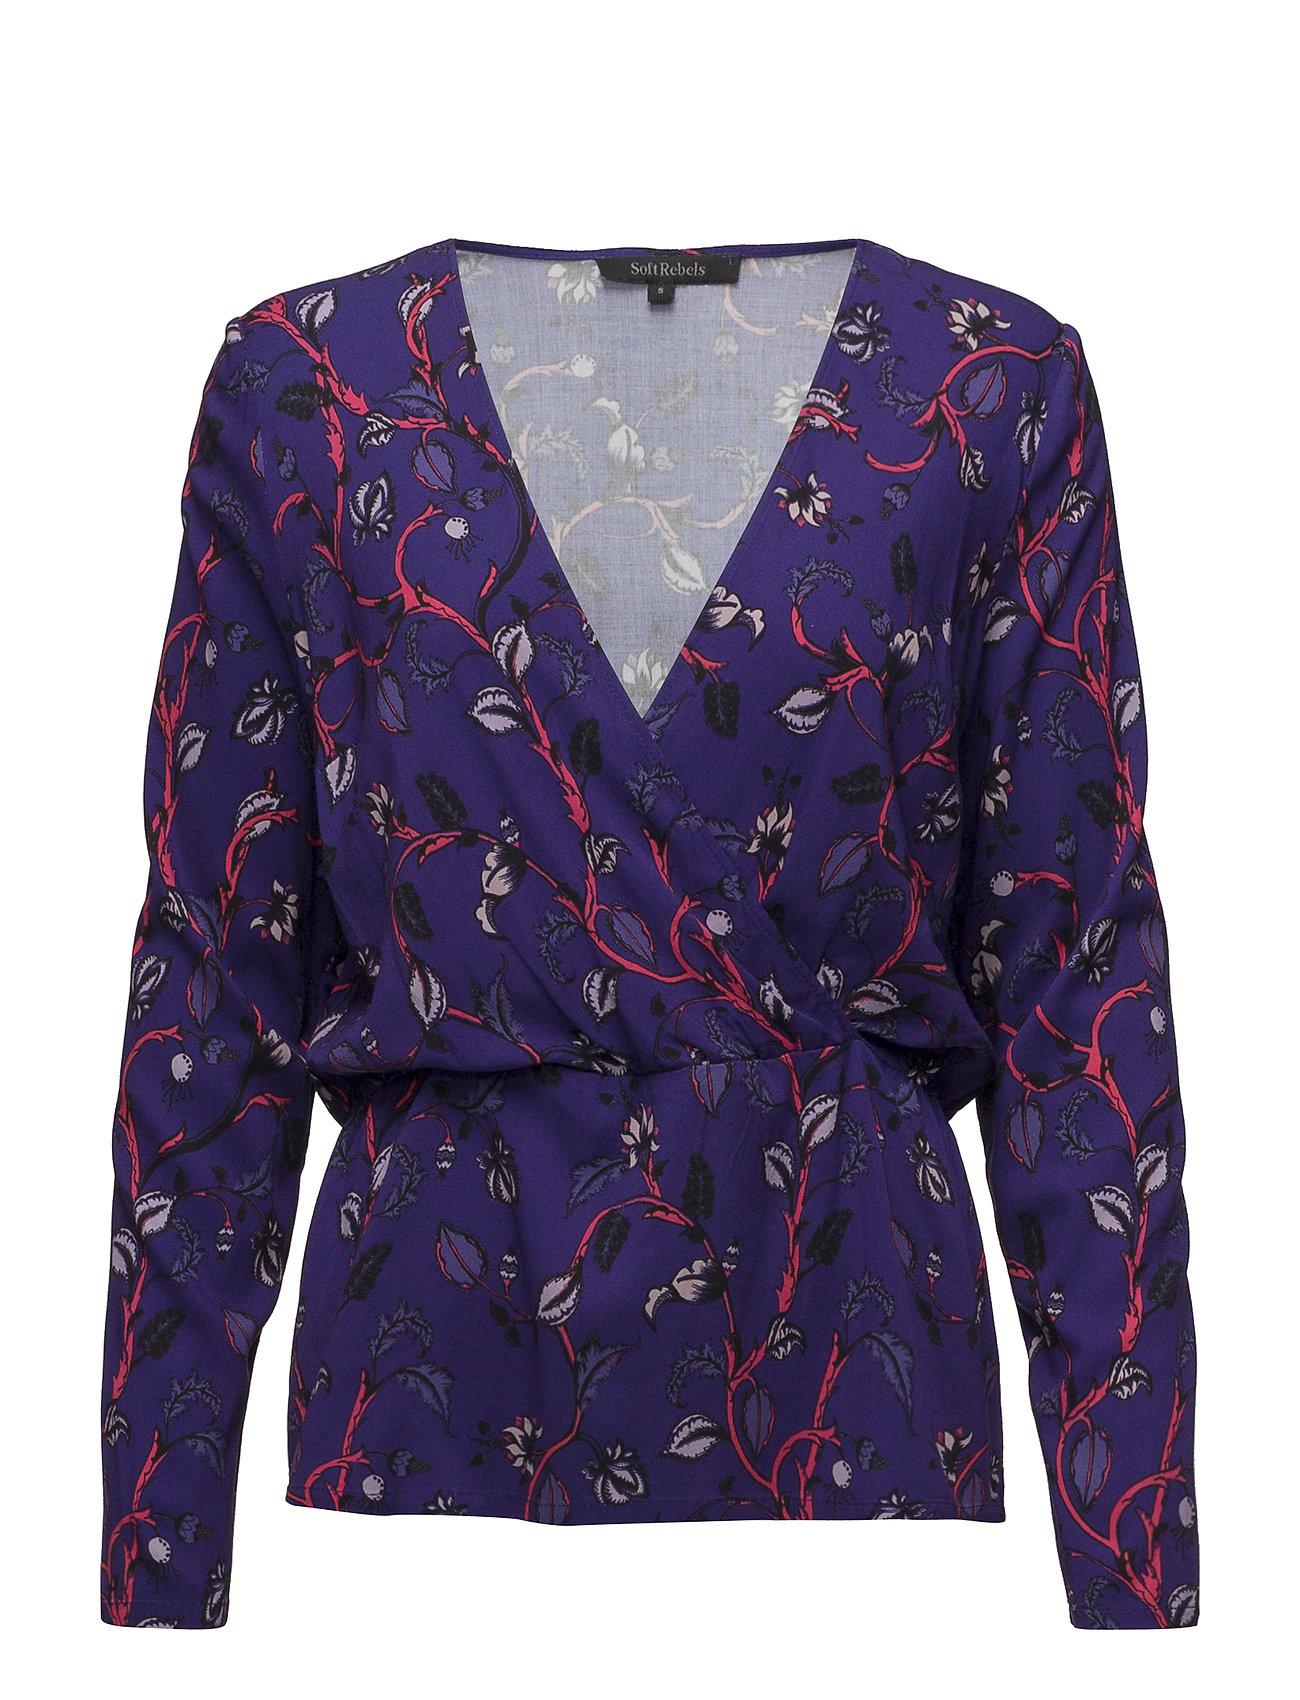 Rebels Purple Purple PrintSoft PrintSoft Shirt794 Rebels Smila Shirt794 Smila exCodB